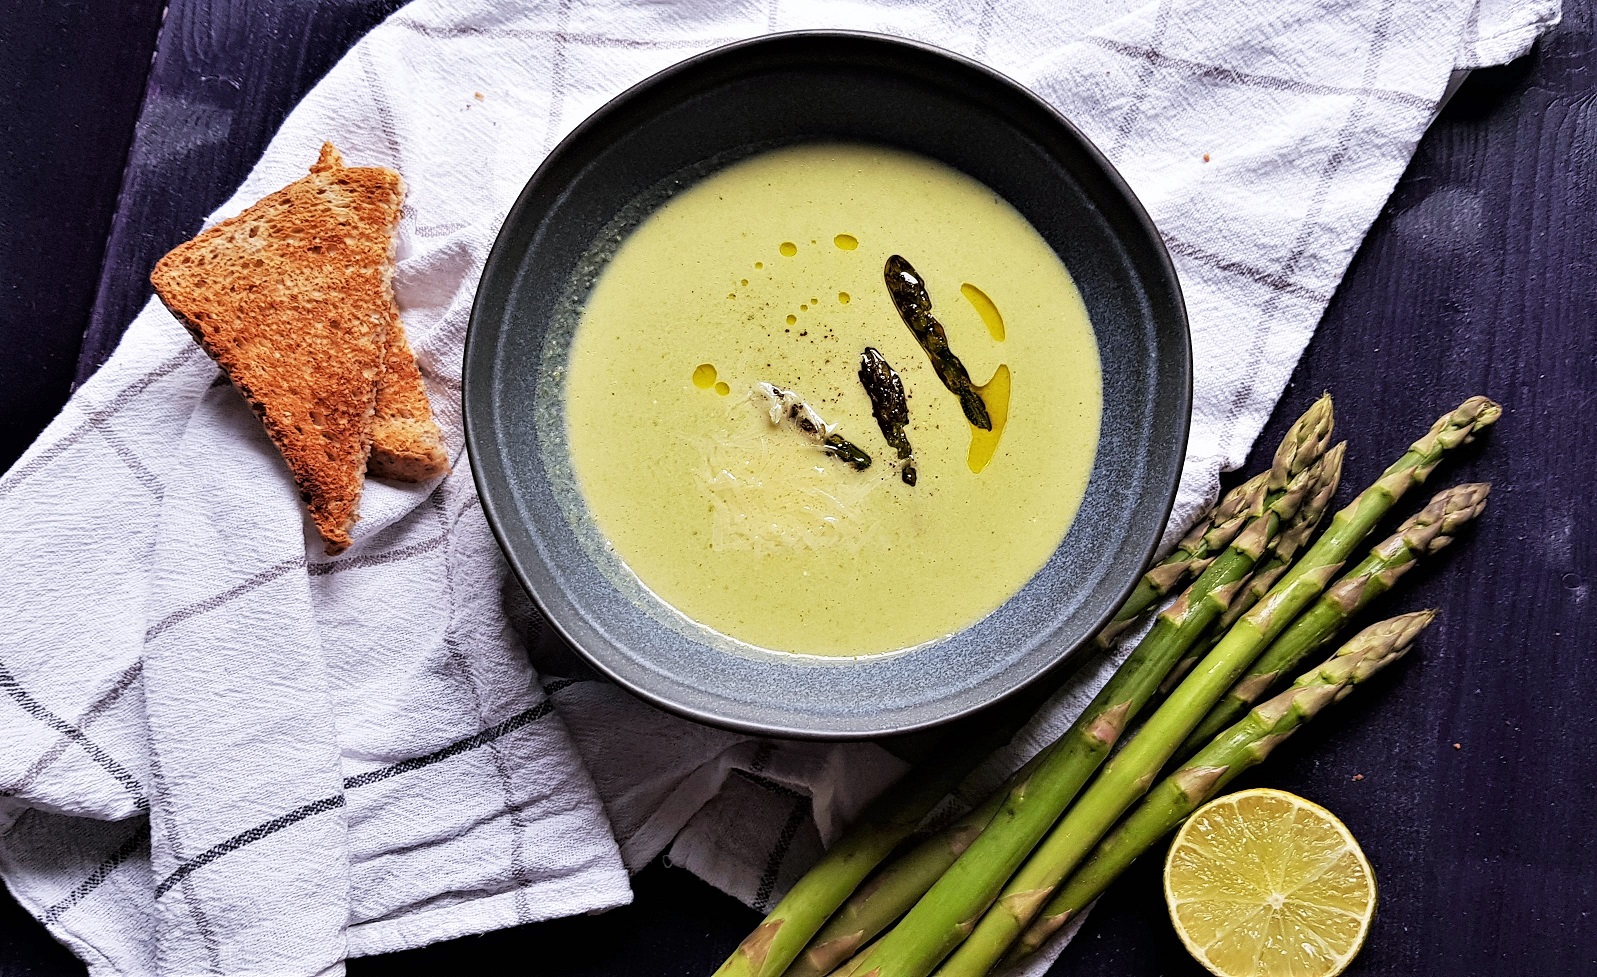 Sofisticat: Supă cremă de sparanghel verde